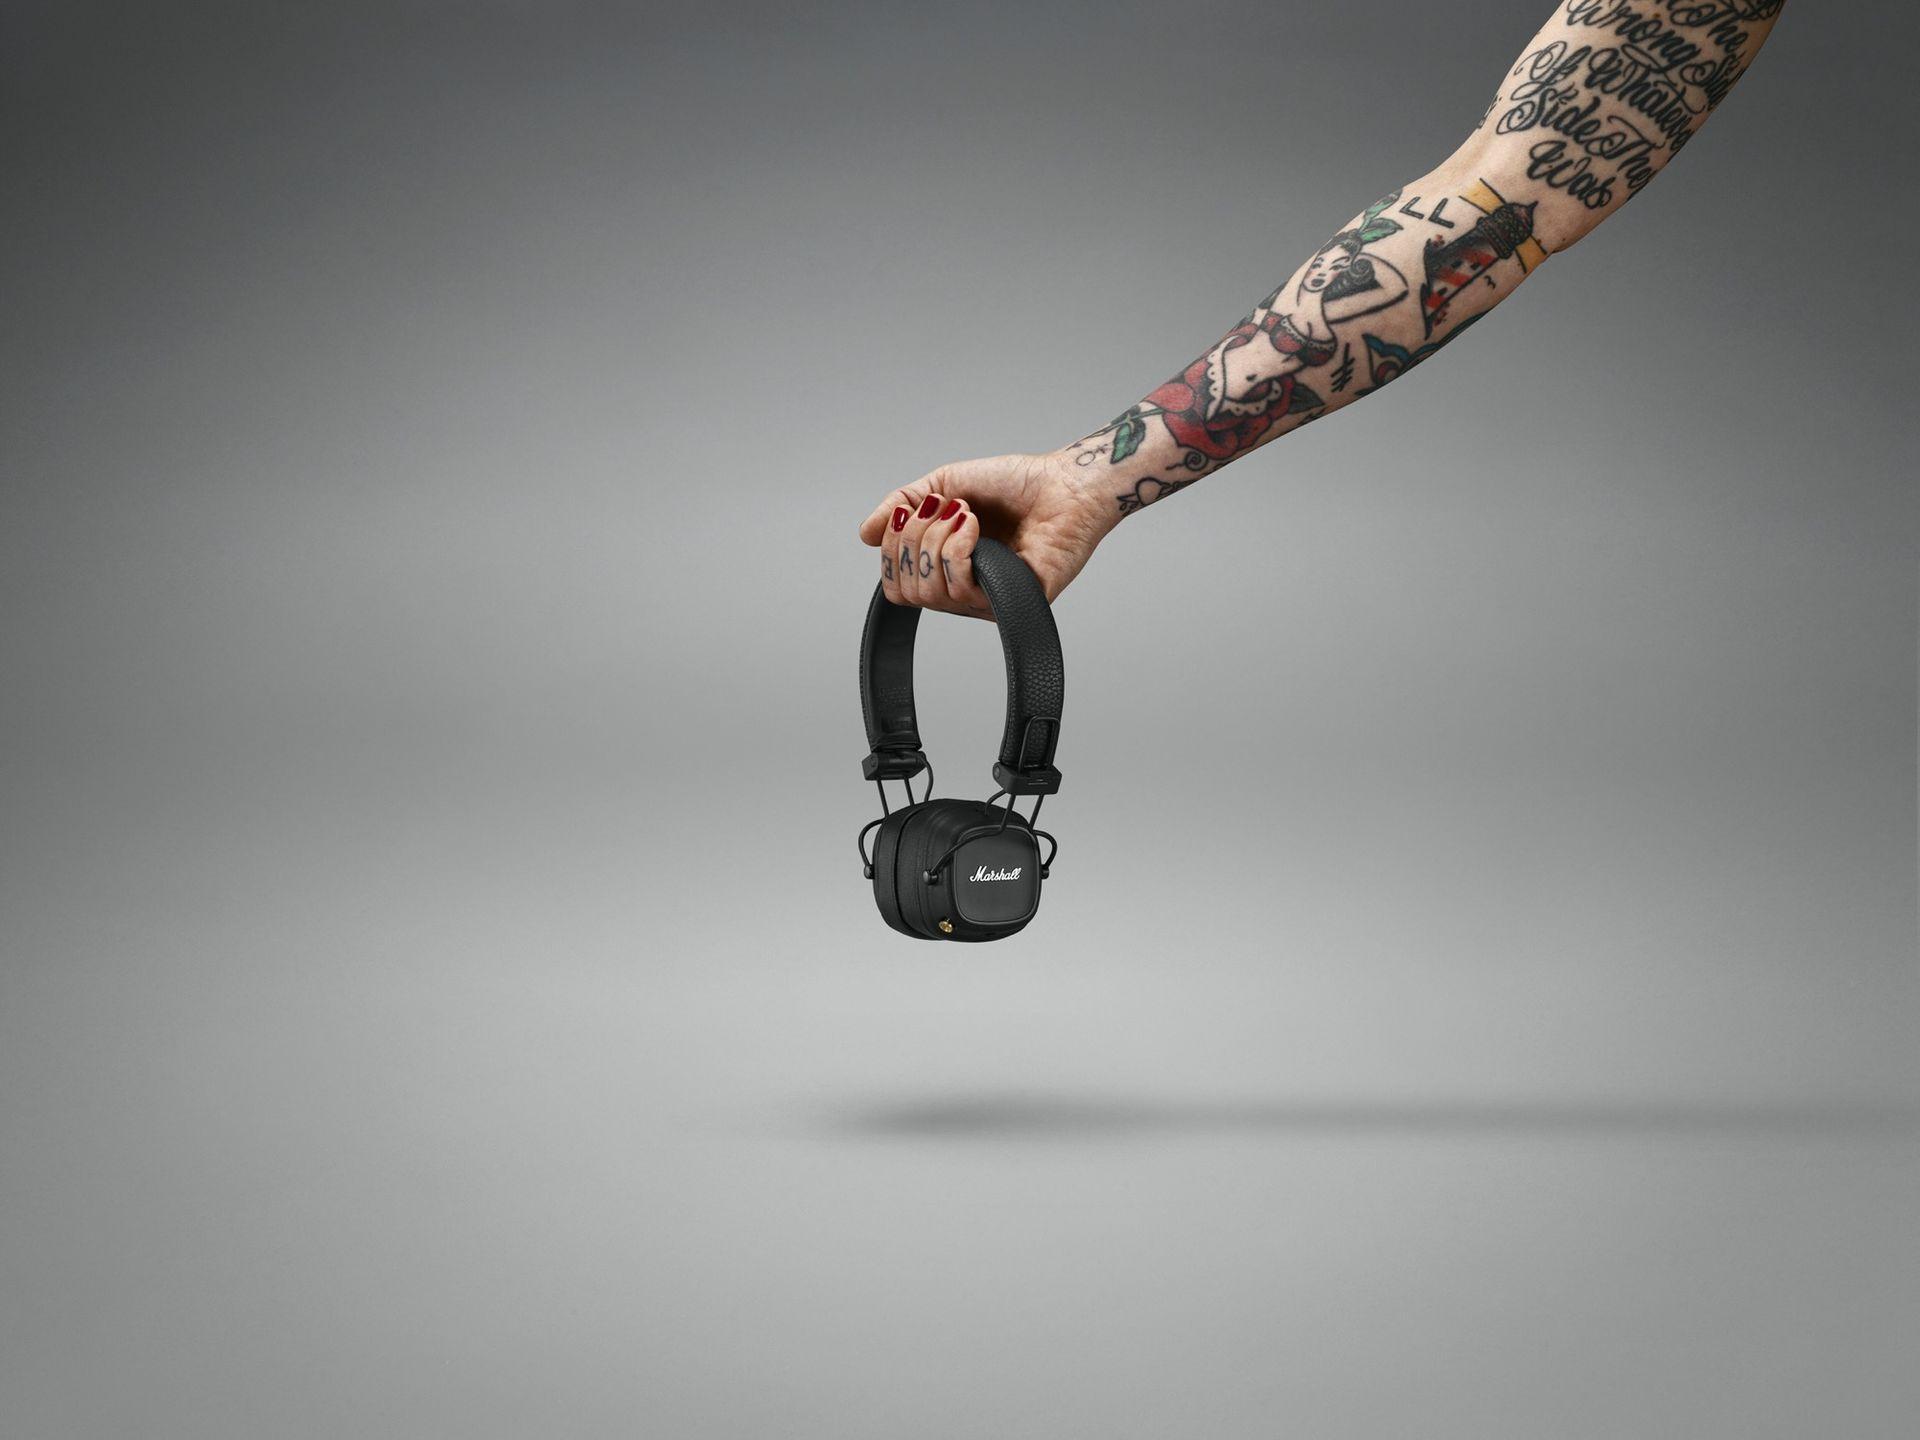 Marshall släpper ny version av sina Major-hörlurar